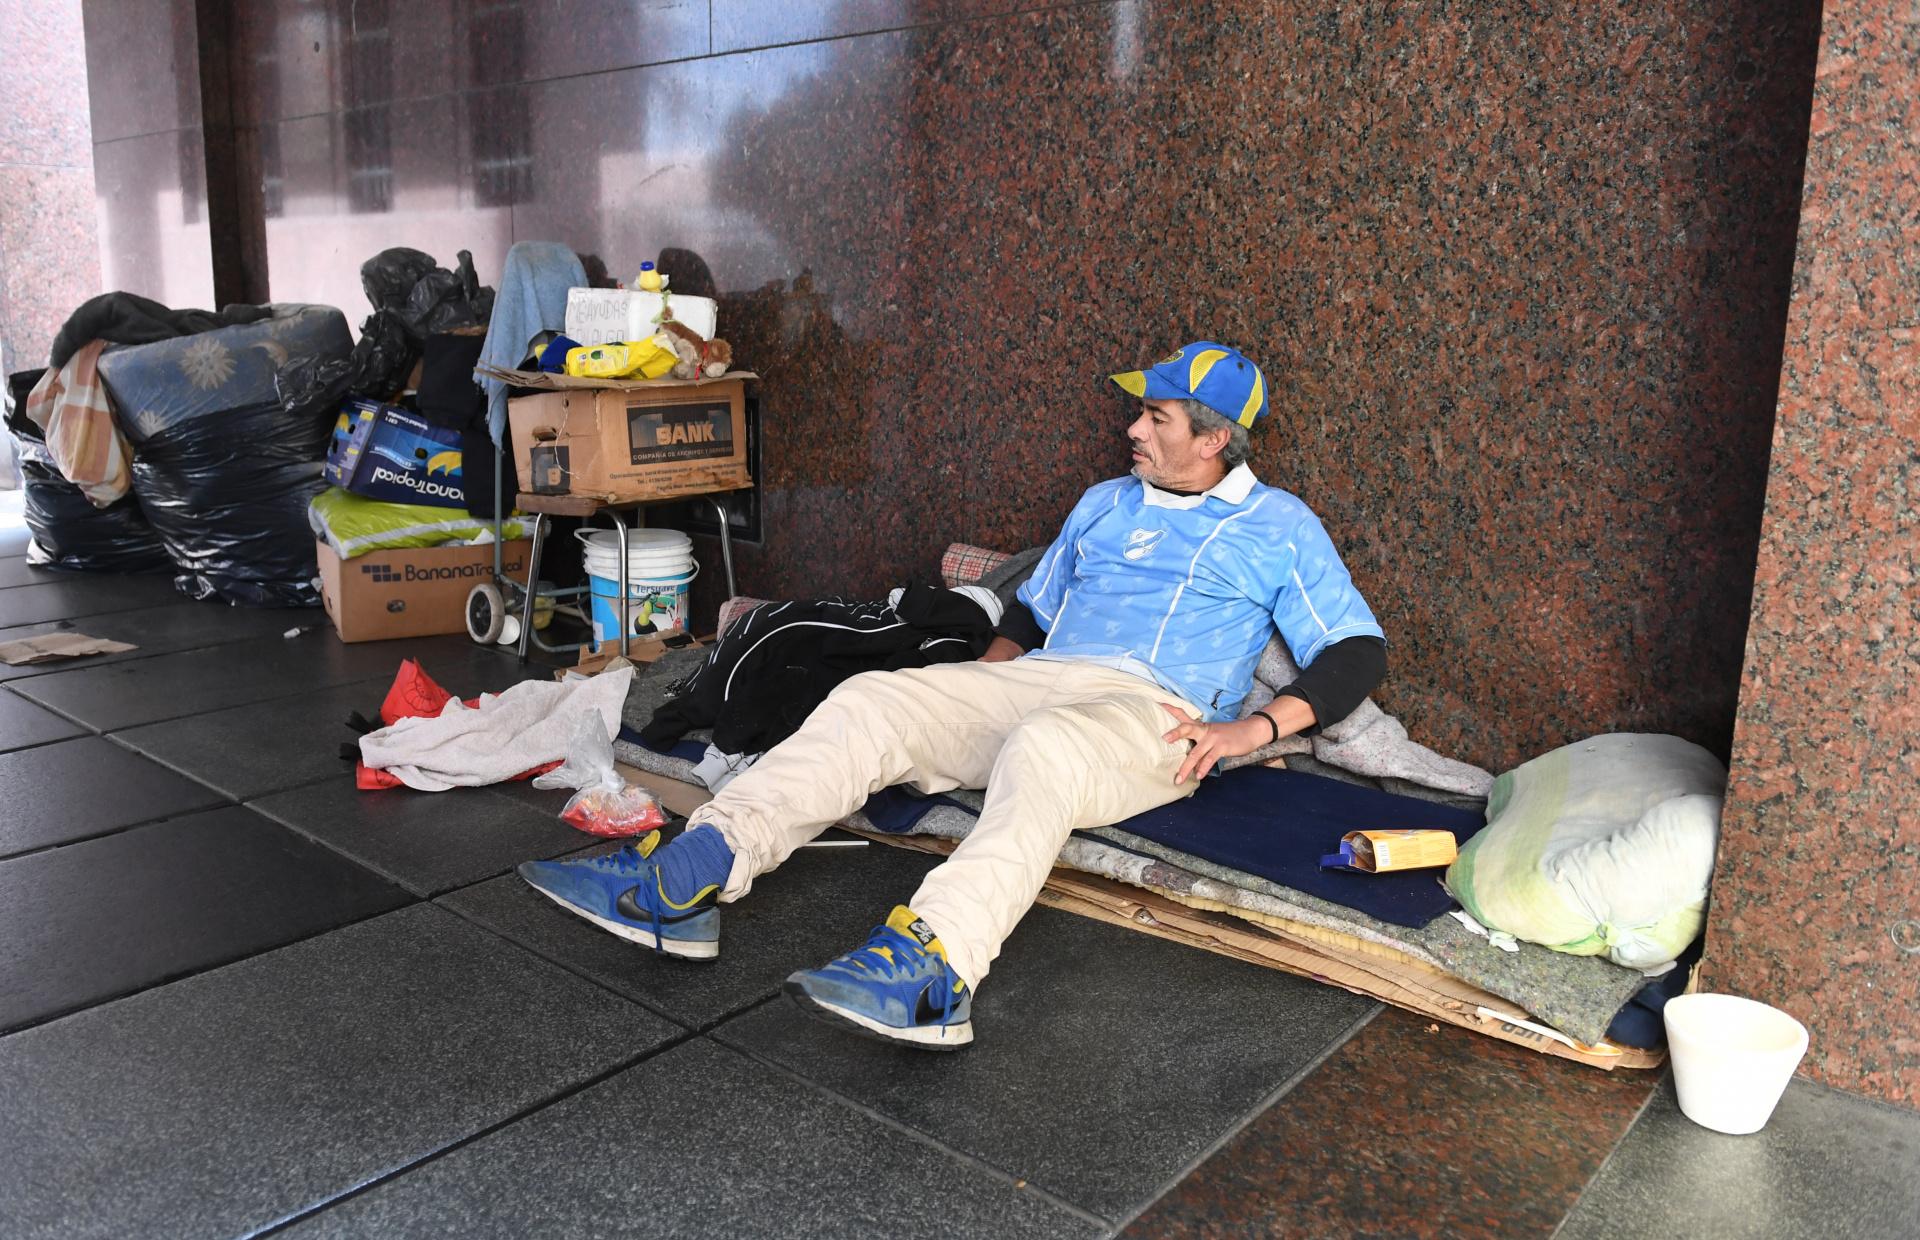 Leonardo Javier Macrino fue hallado muerto el domingo 7 de junio en la esquina de Saenz Peña y Chile, a metros del hotel de donde había sido desalojado cuatro días antes, supuestamente por falta de pago.